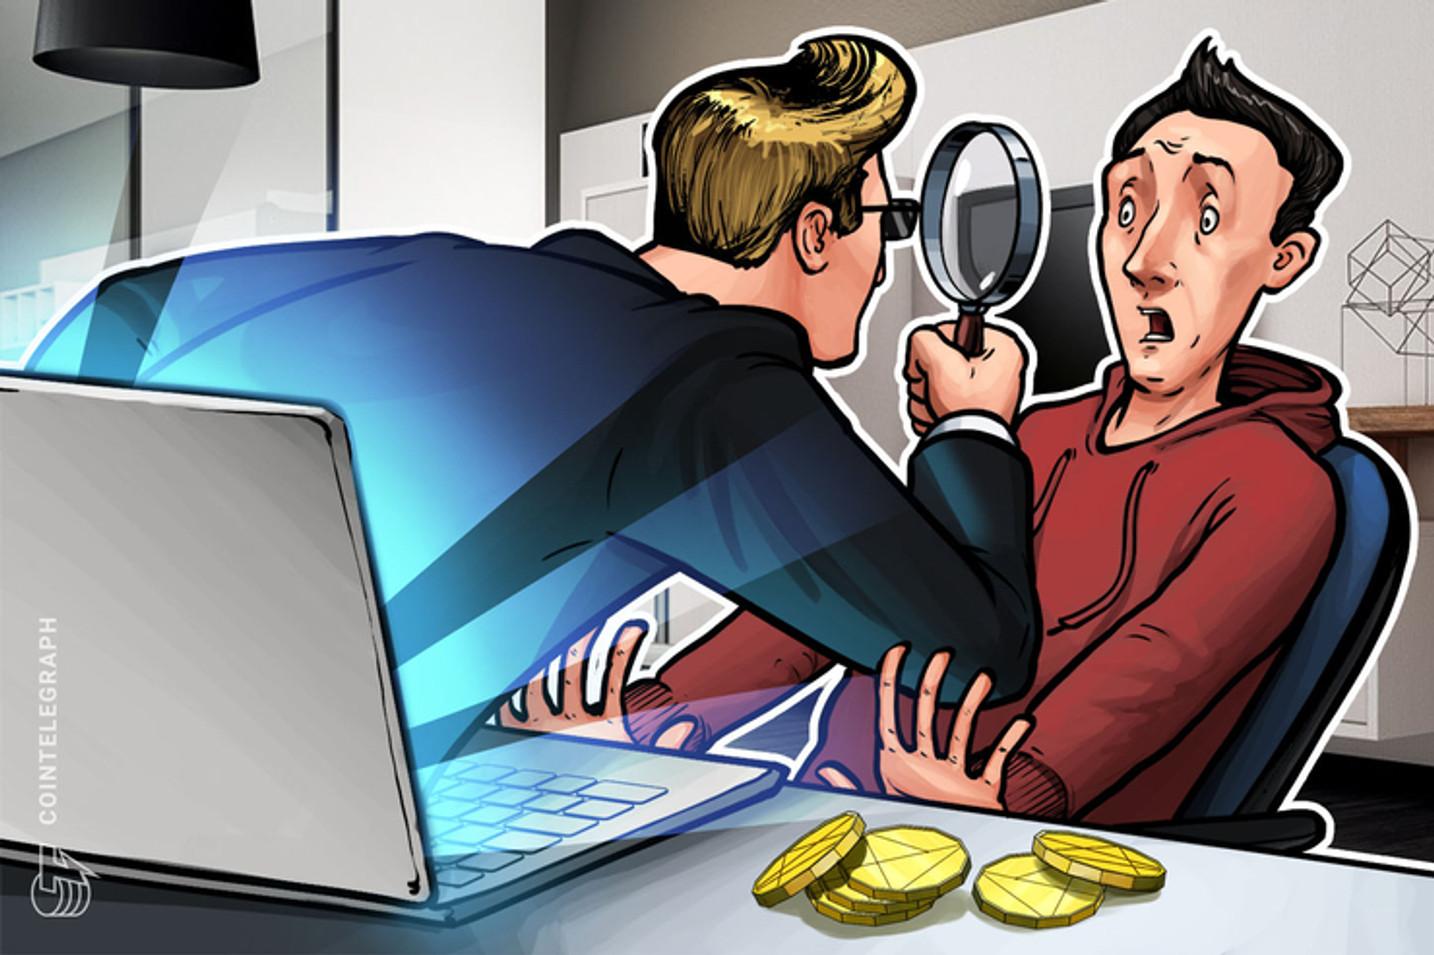 Argentina: Unidad de Información Financiera quiere endurecer controles a transacciones con criptomonedas